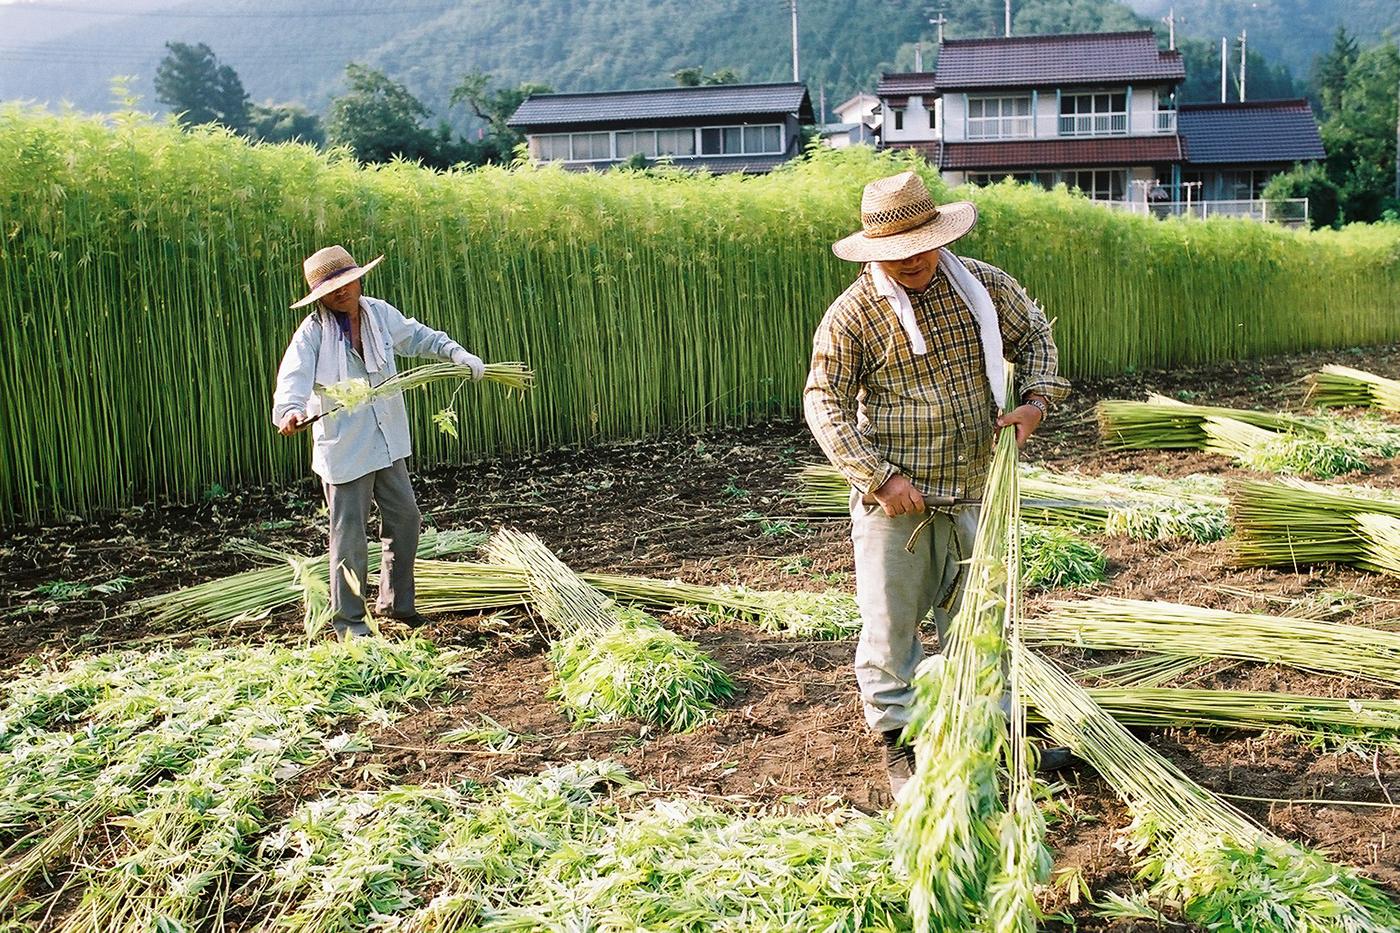 なぜ日本でマリファナが違法になったのか?